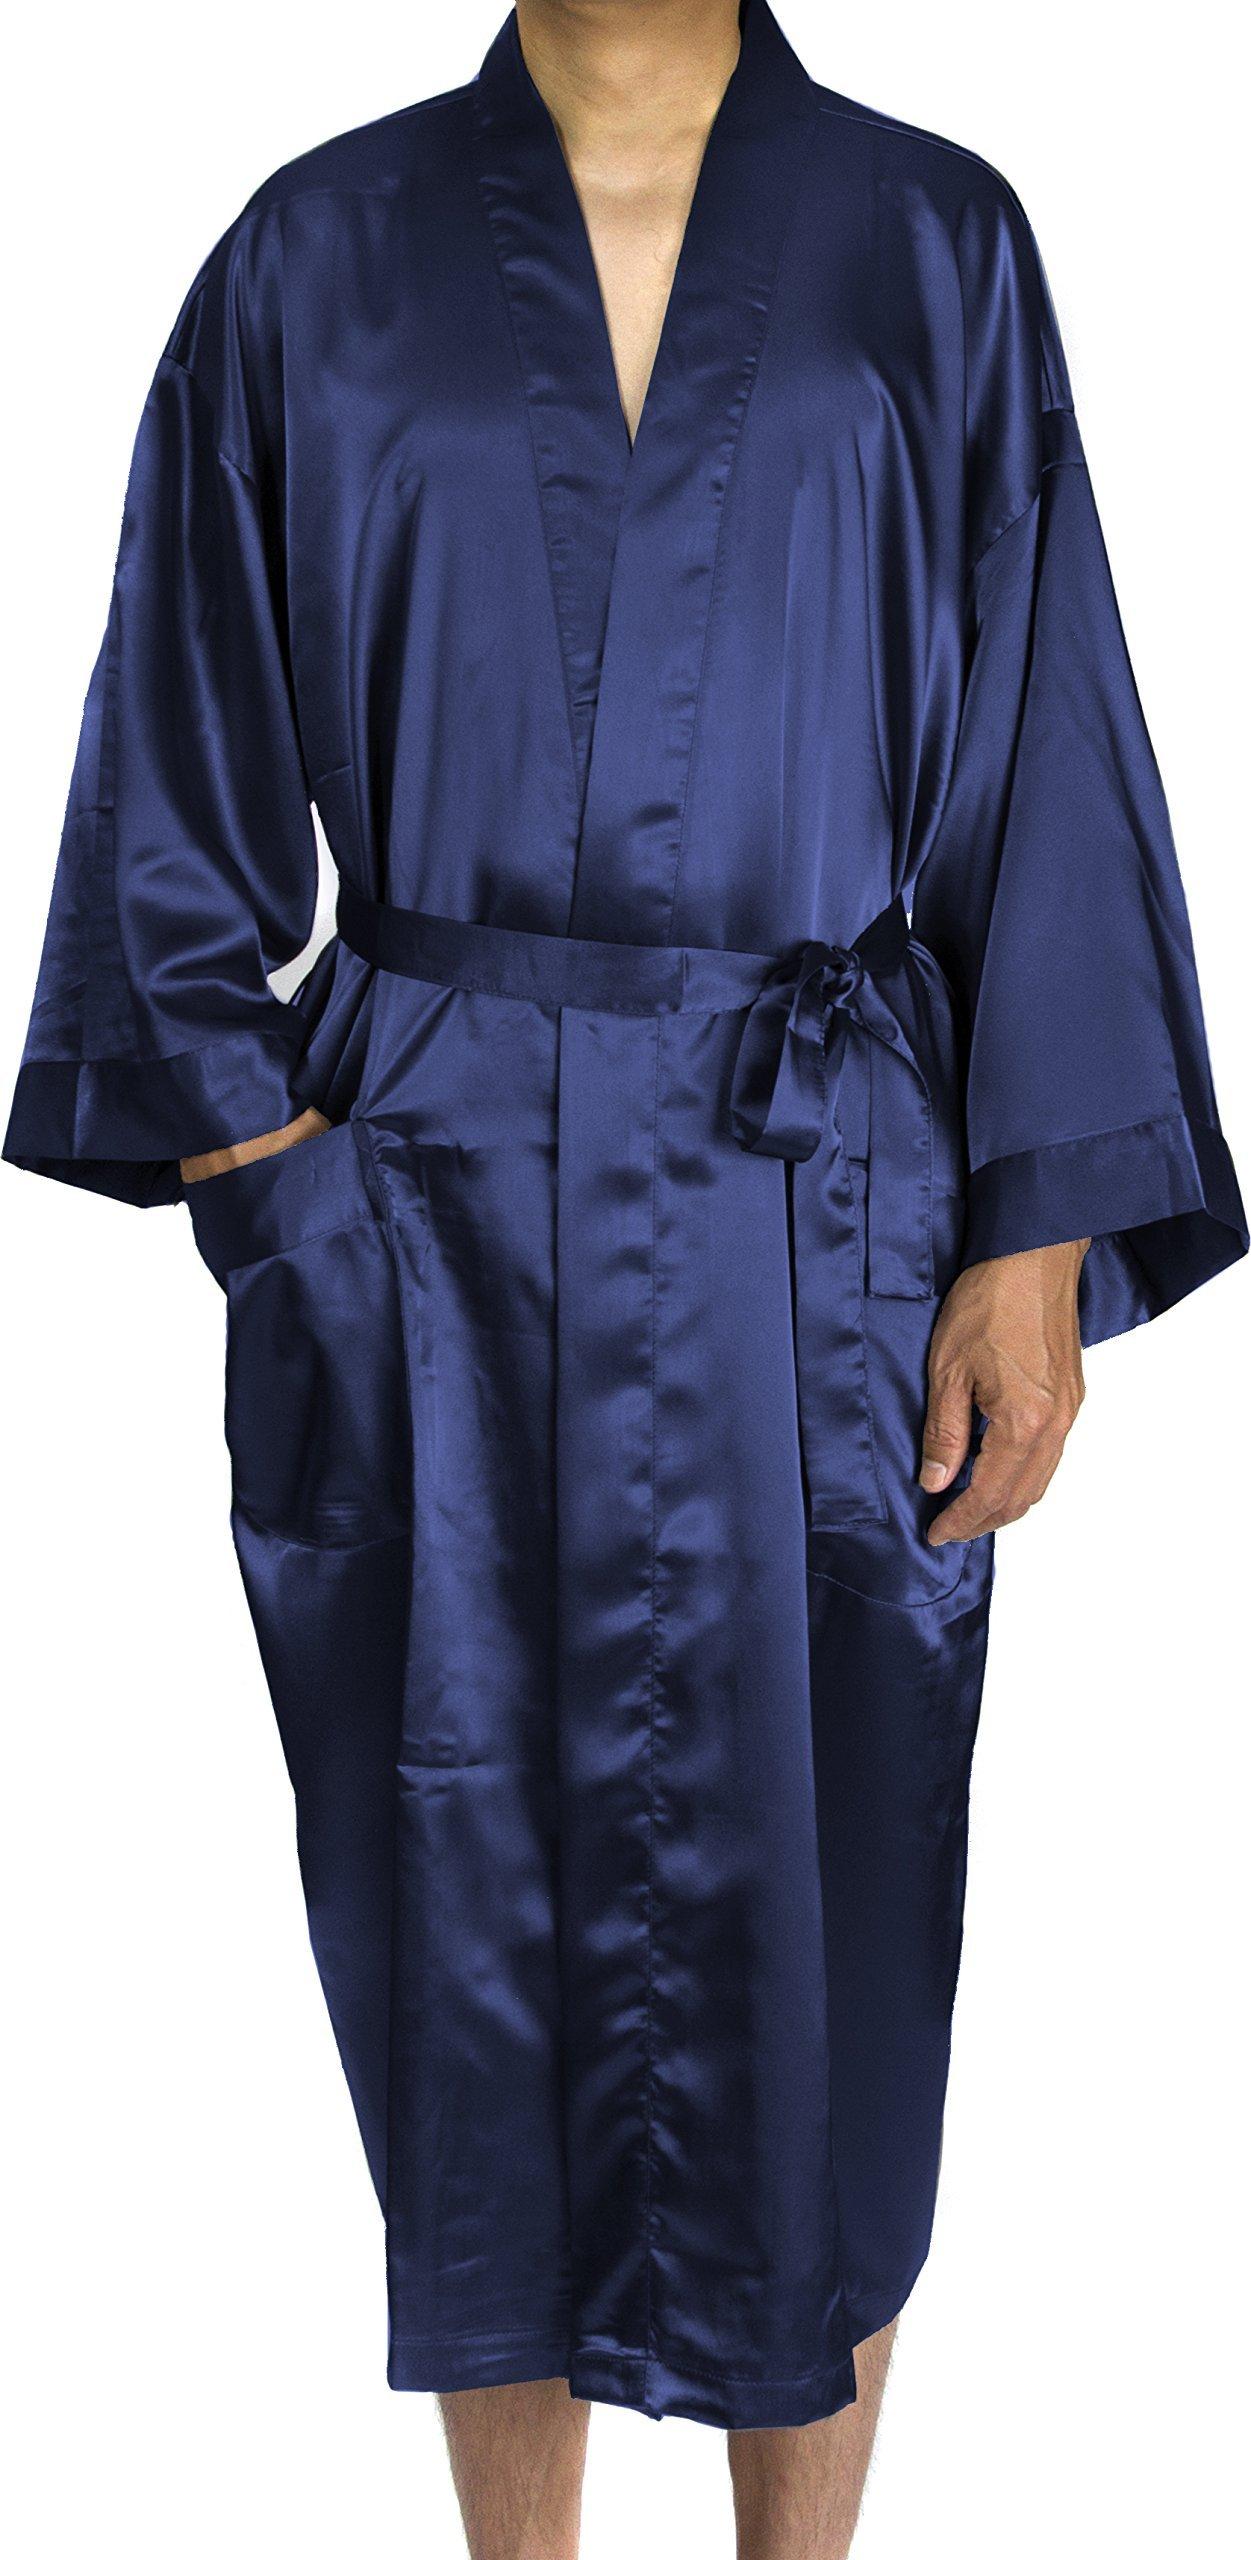 Leisureland Men Satin Robe Long Kimono Robe 48'' Navy Blue